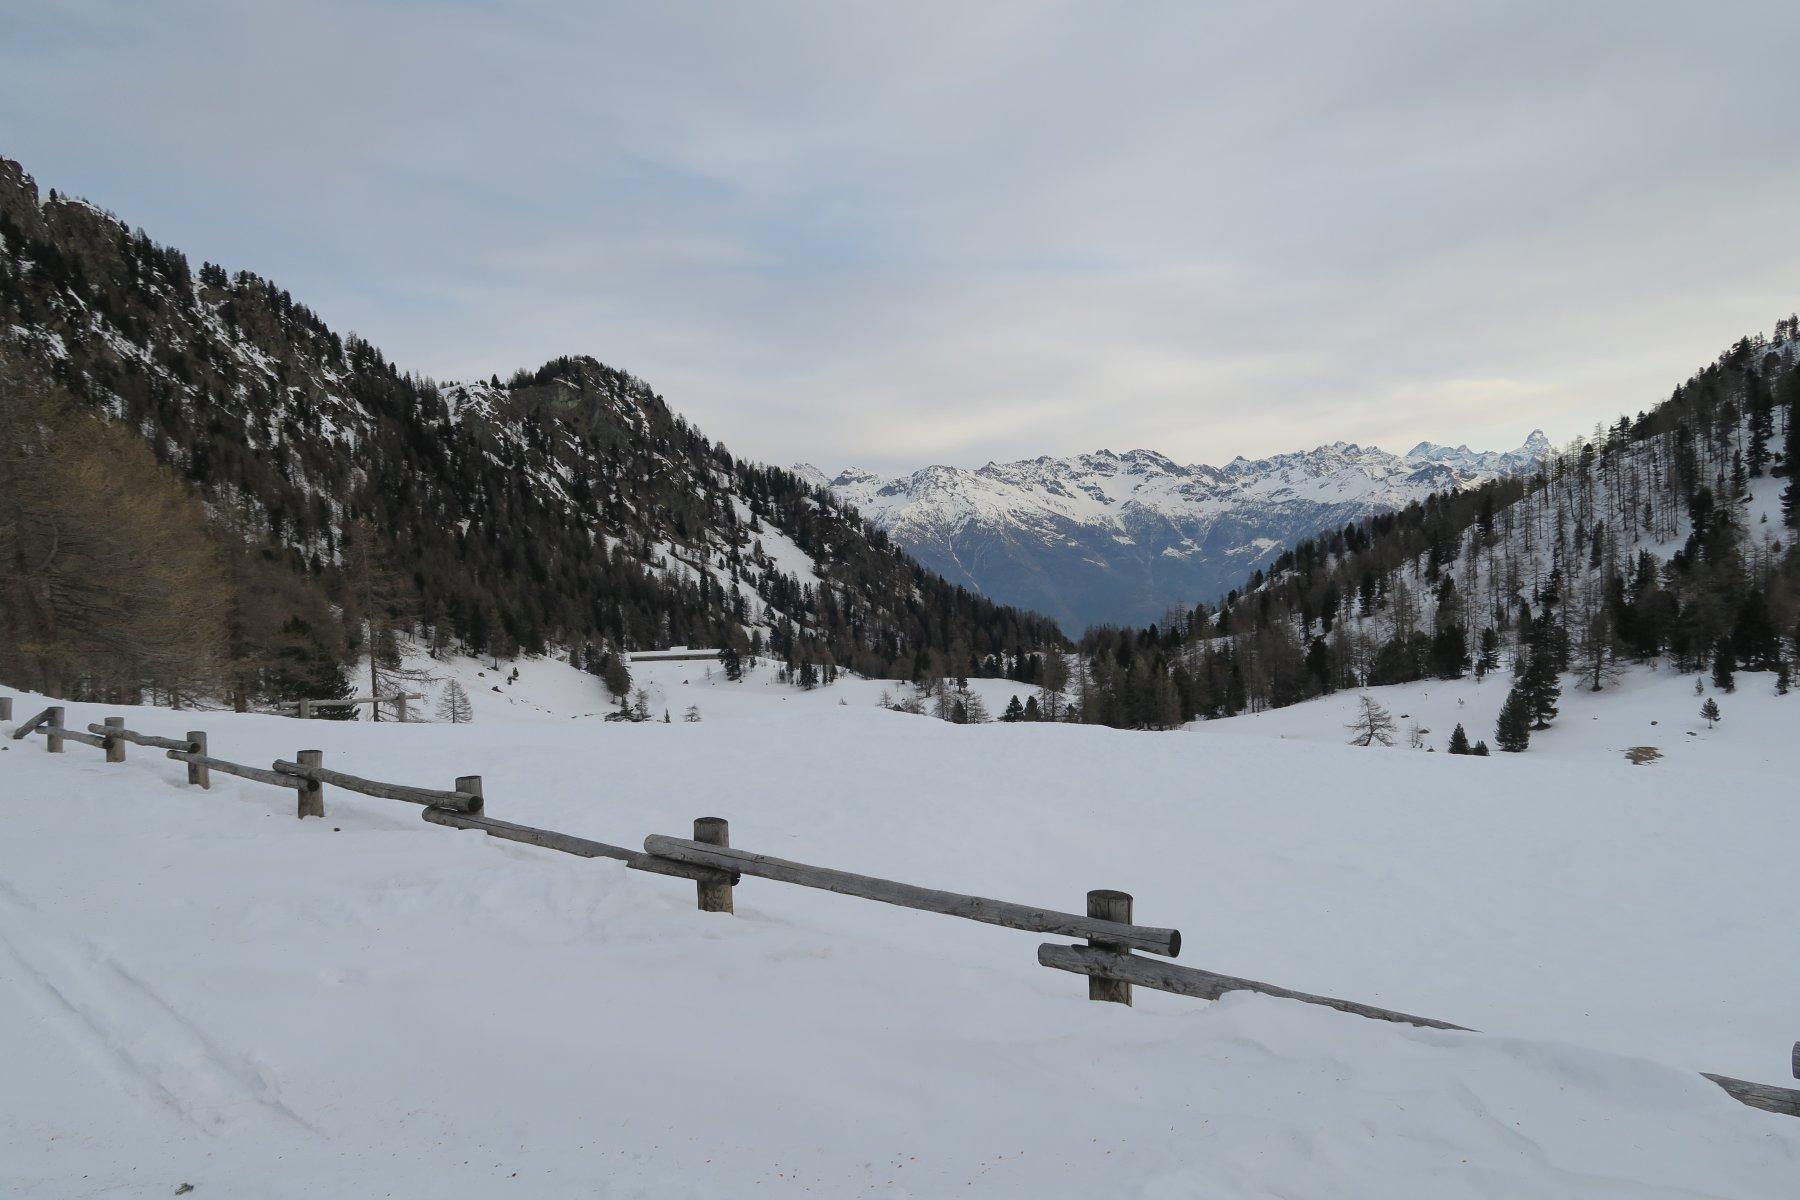 a sinistra il Colle di Plan Fenetre ed in basso l'alpeggio dove al momento conviene scendere per evitare gli svalangamenti